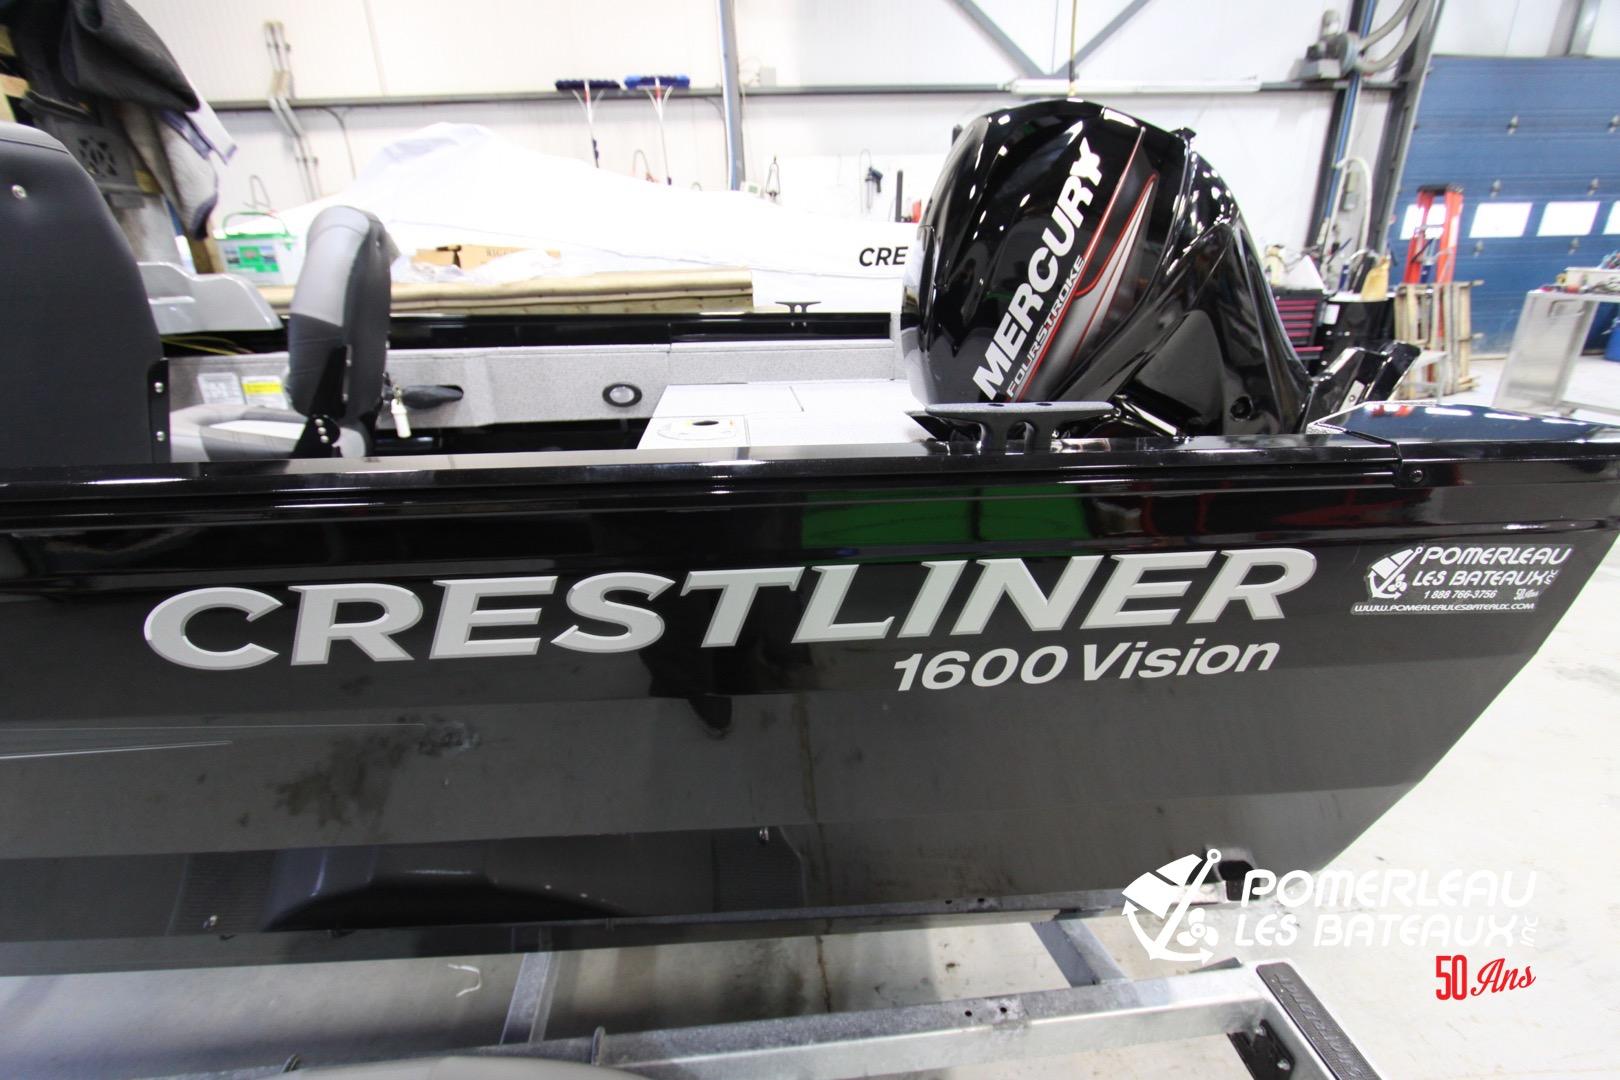 Crestliner Vision 16 SC - IMG_8073